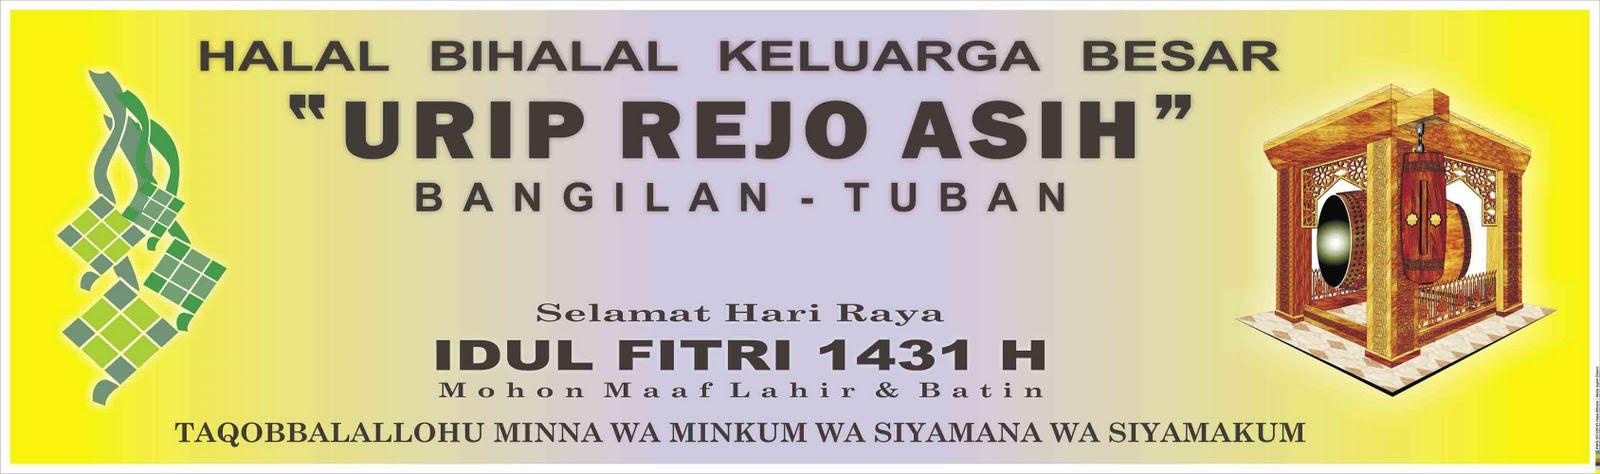 Download image Spanduk Halal Bihalal Keluarga Besar Urip Rejo Asih PC ...